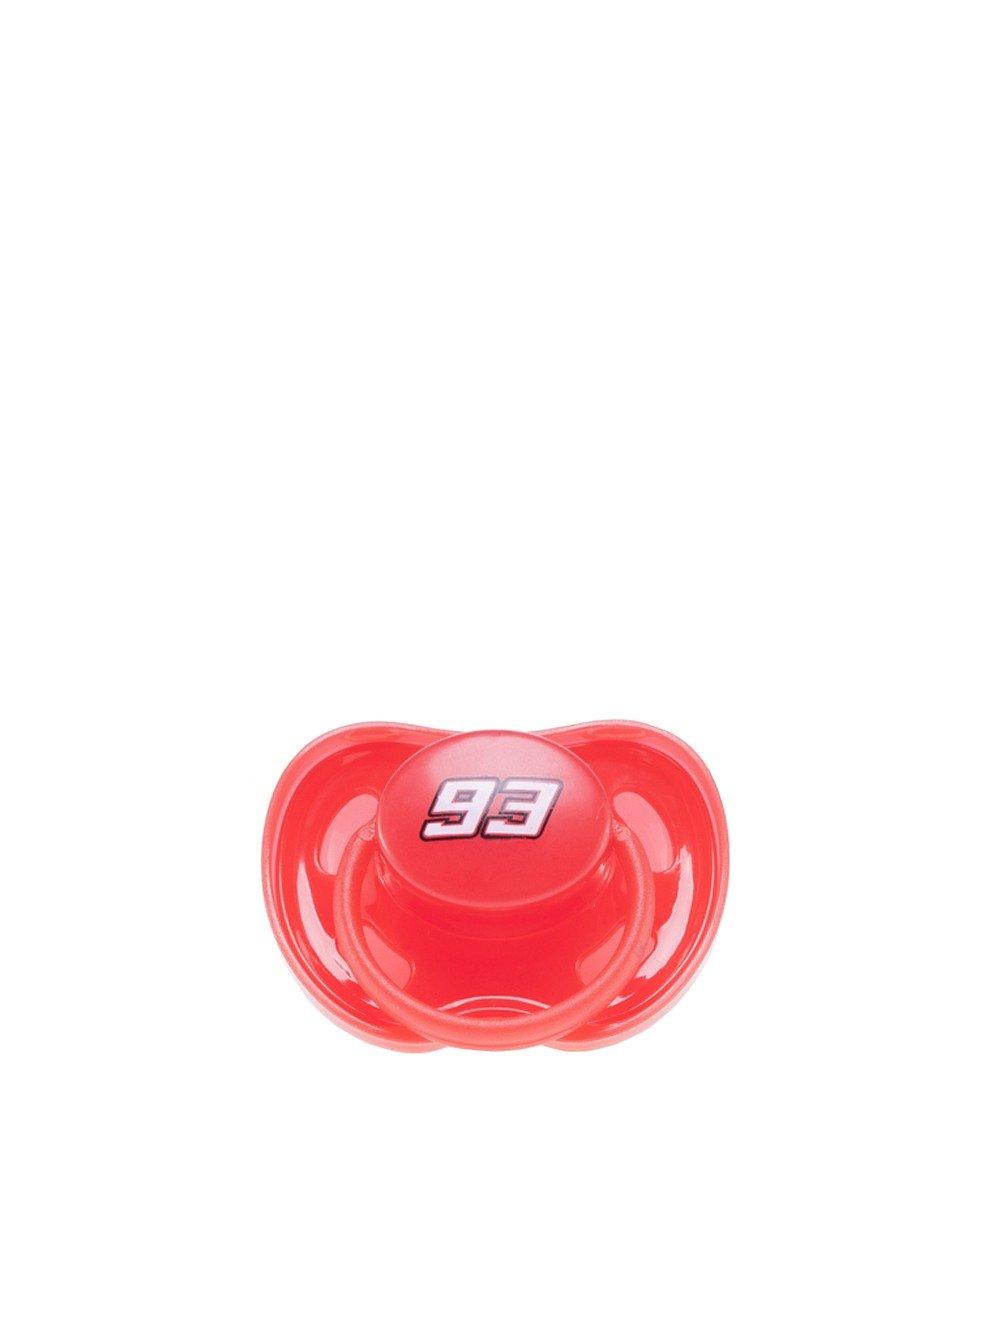 Marc Marquez 2018 Honda MotoGP 93 - Chupete para bebé ...